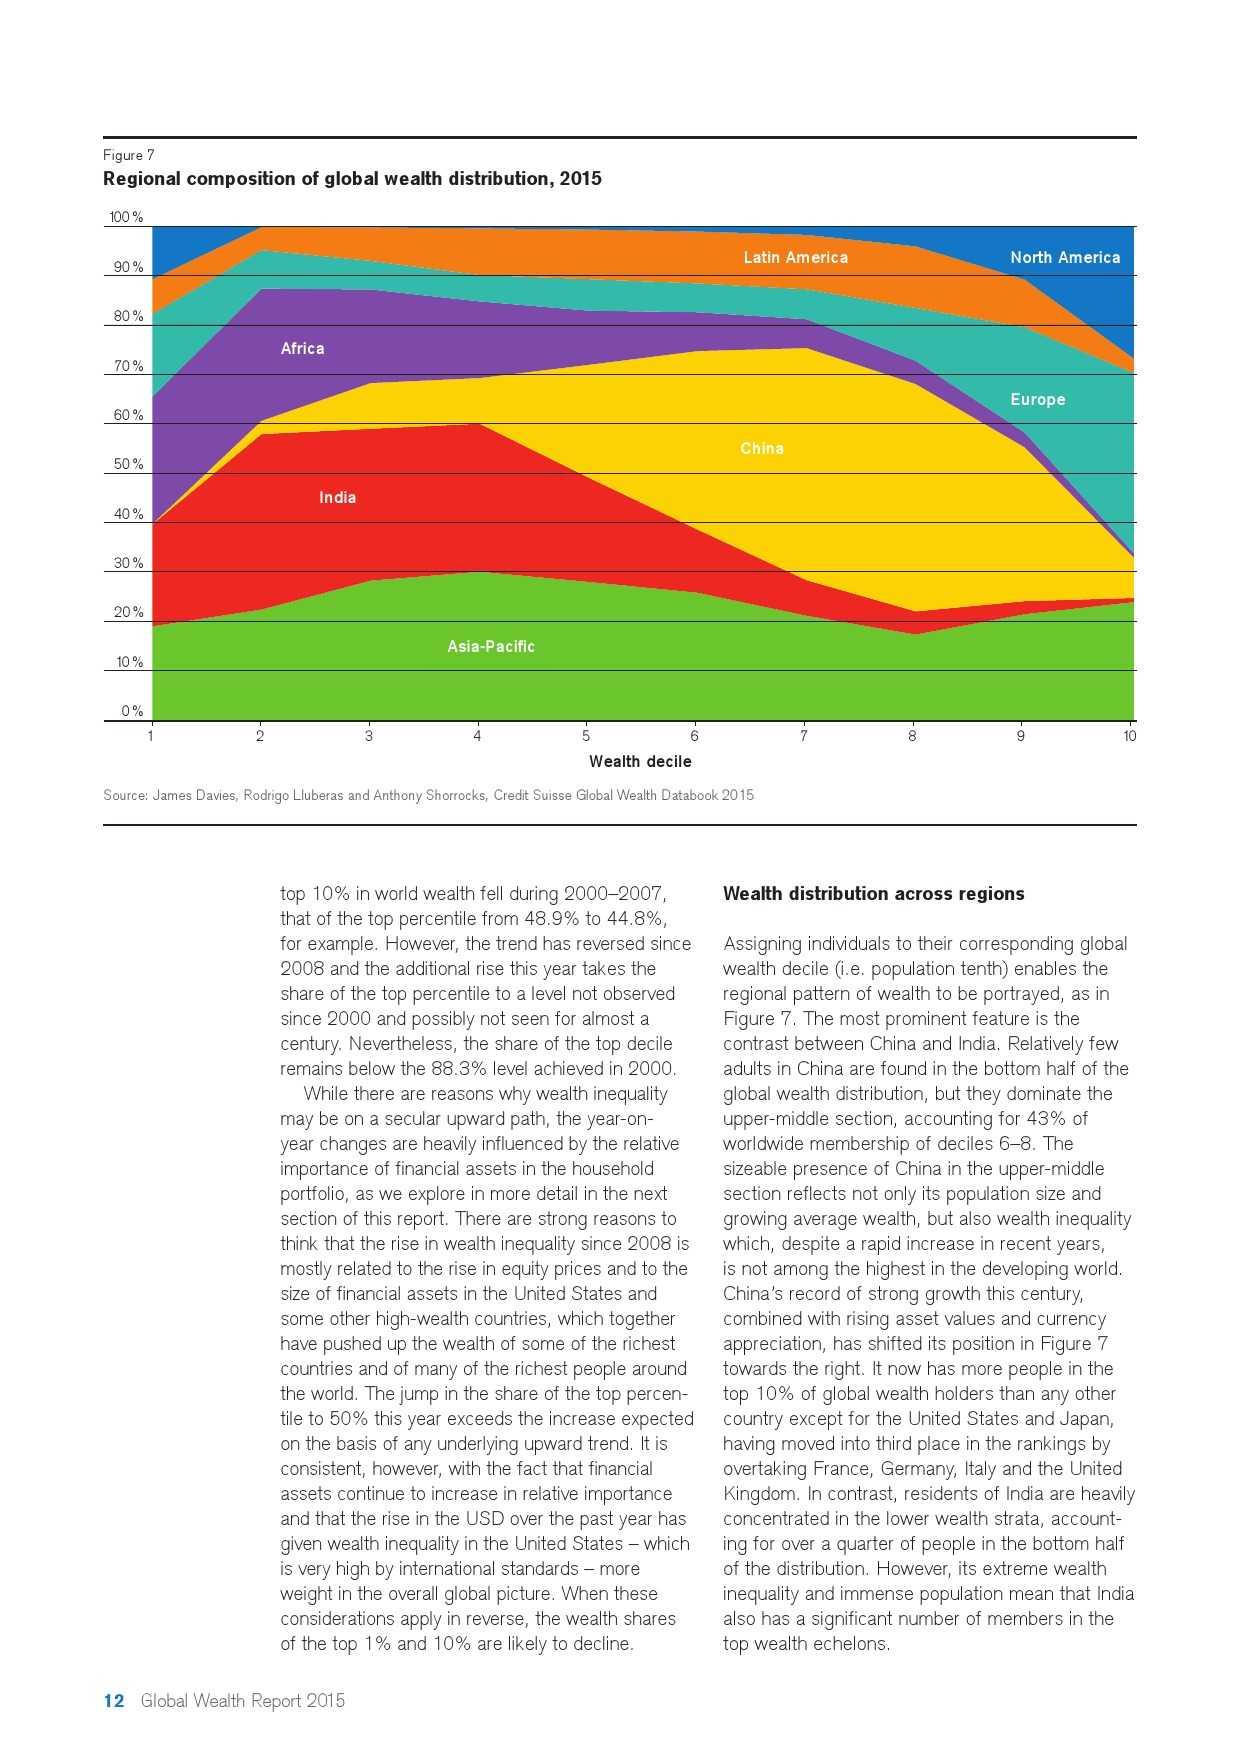 瑞士信贷:2015年全球财富报告_000012